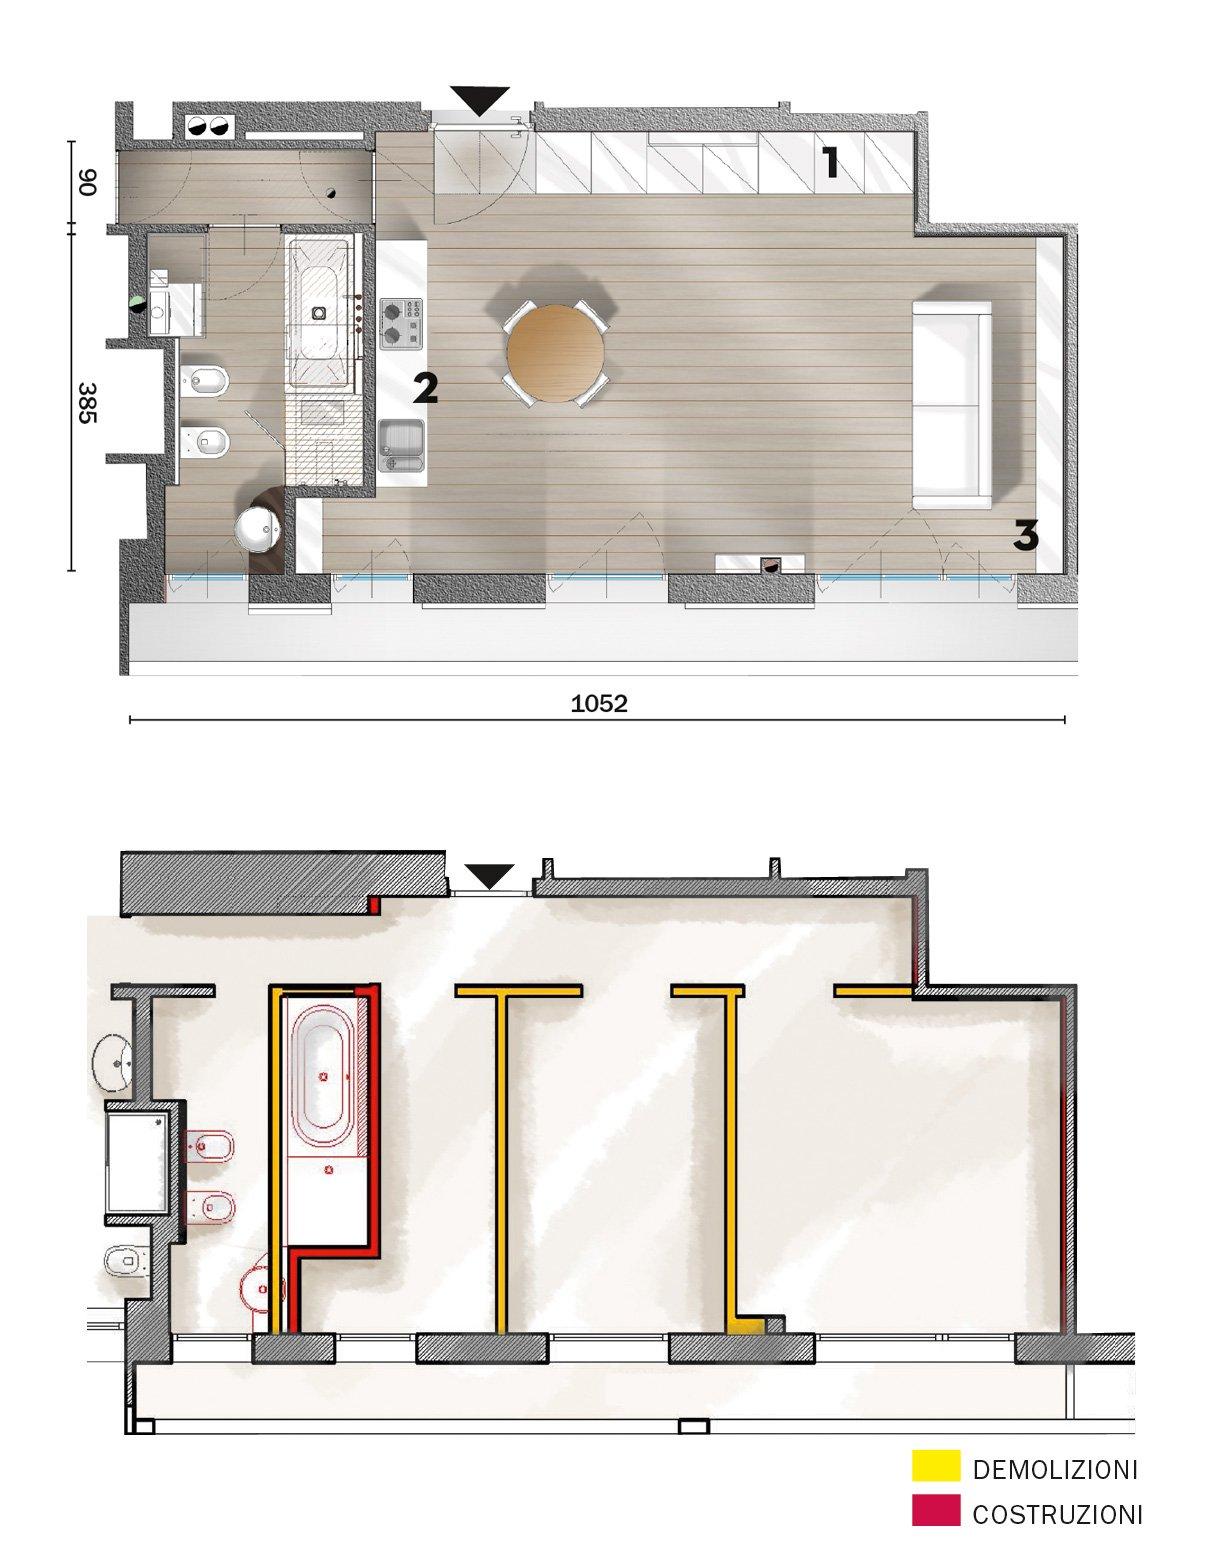 50 mq una casa open space per avere pi luce guarda i for Piccoli progetti di casa gratuiti